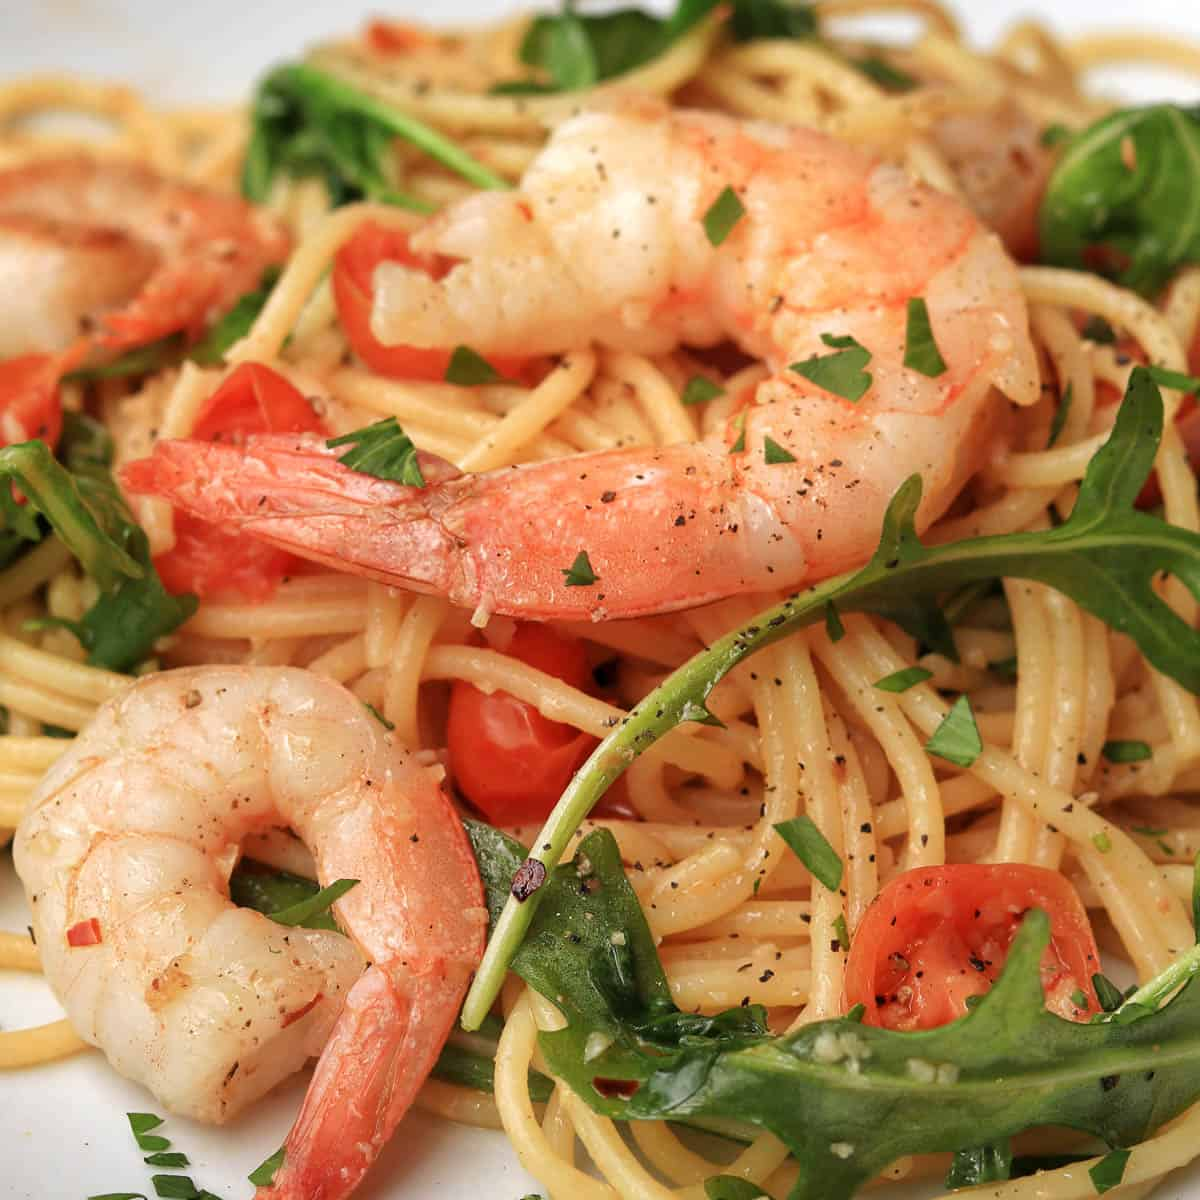 Prawn aglio olio spaghetti